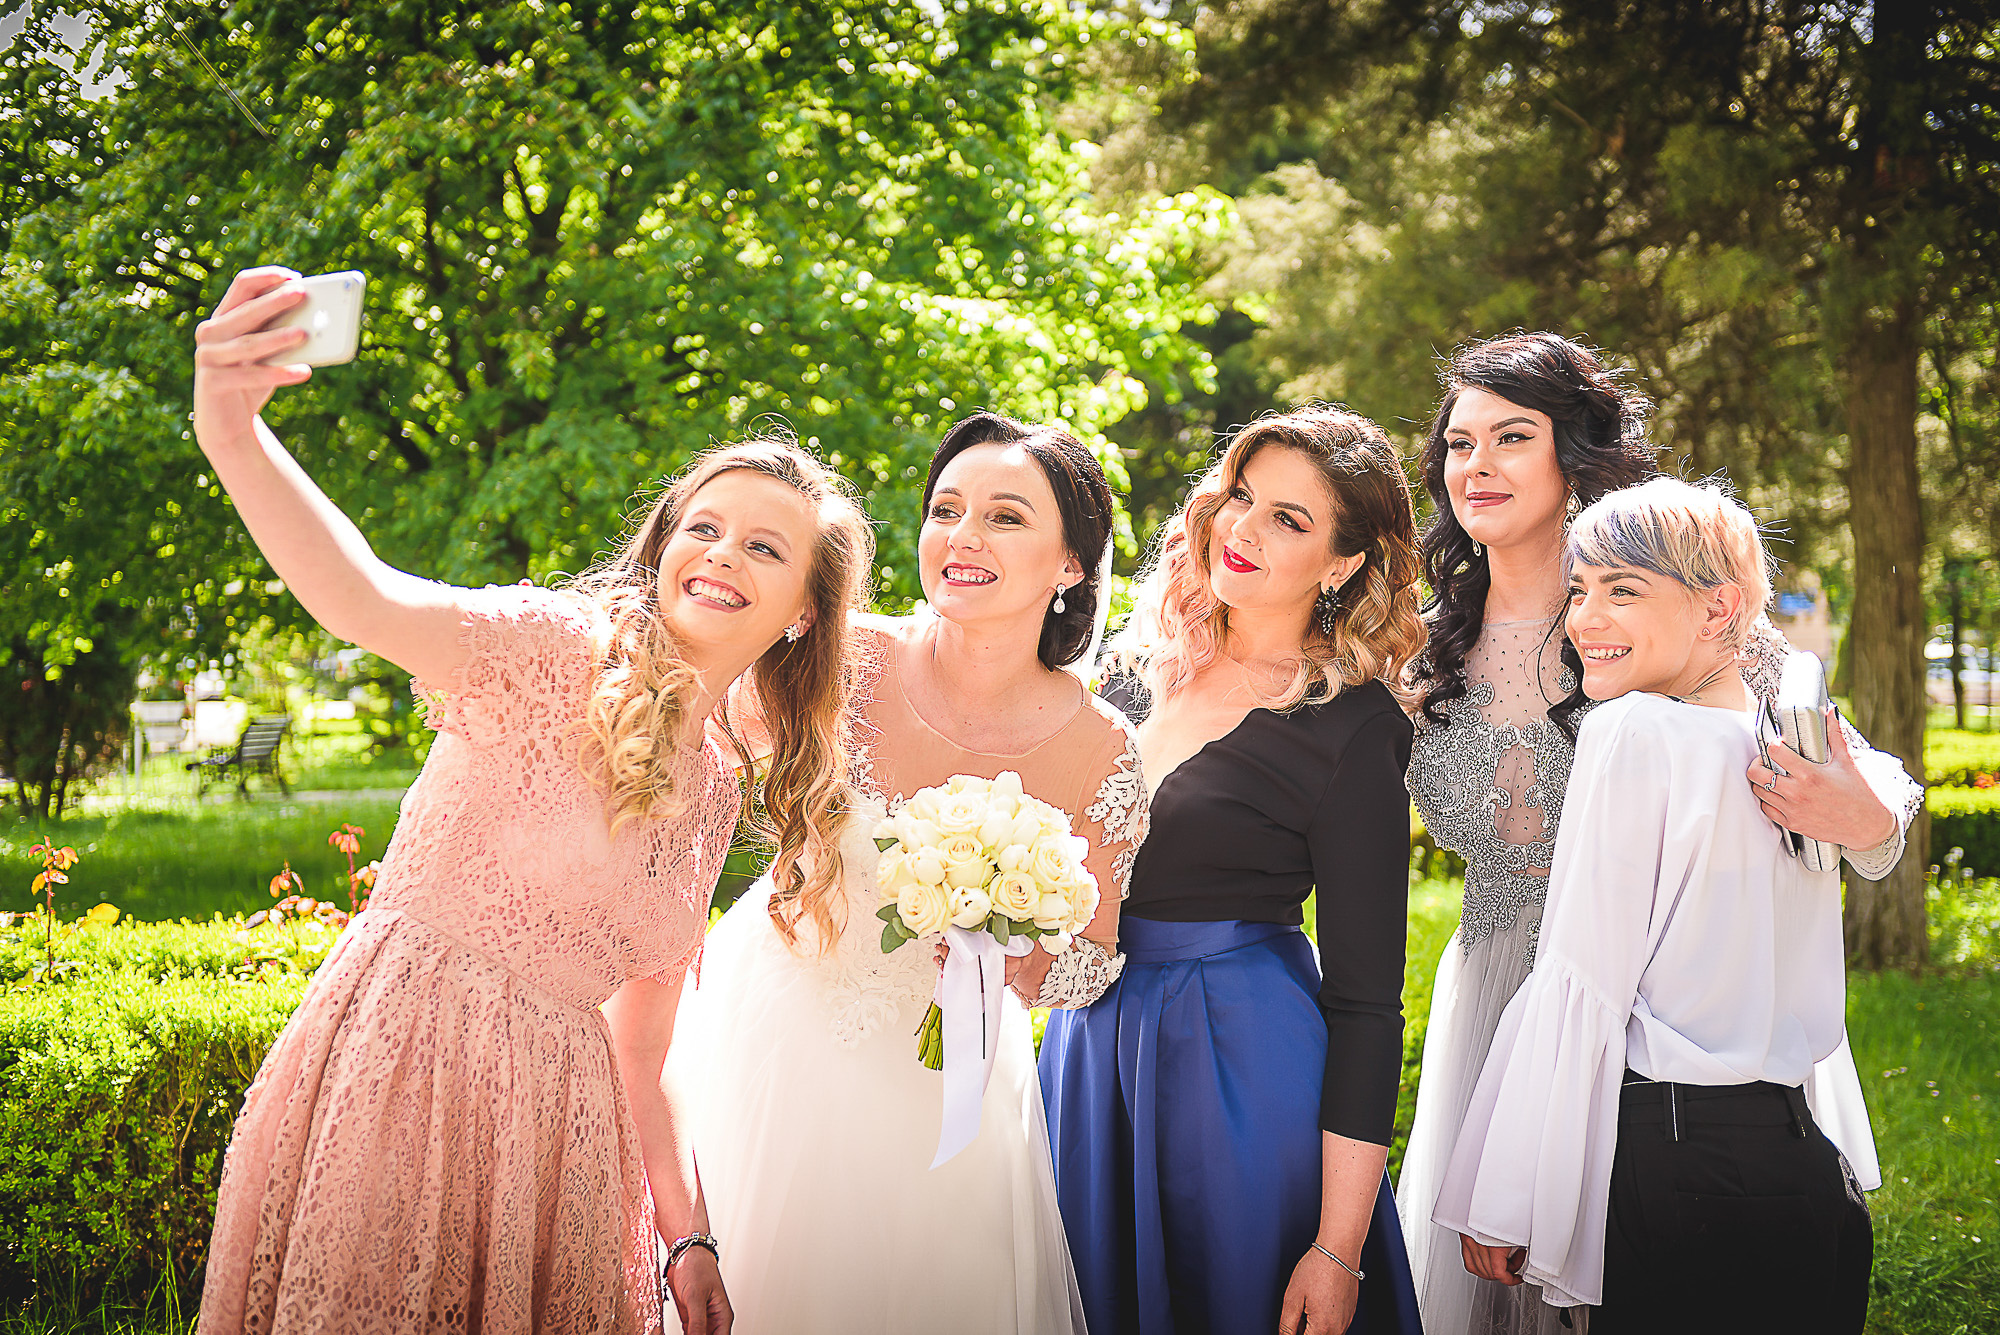 fetele, domnisoarele de onoare, distractie in parc, fotosedinta distractiva, fotografie creativa de nunta, fotograf nunta mures, foto nunta reghin, foto video reghin, foto video nunta mures